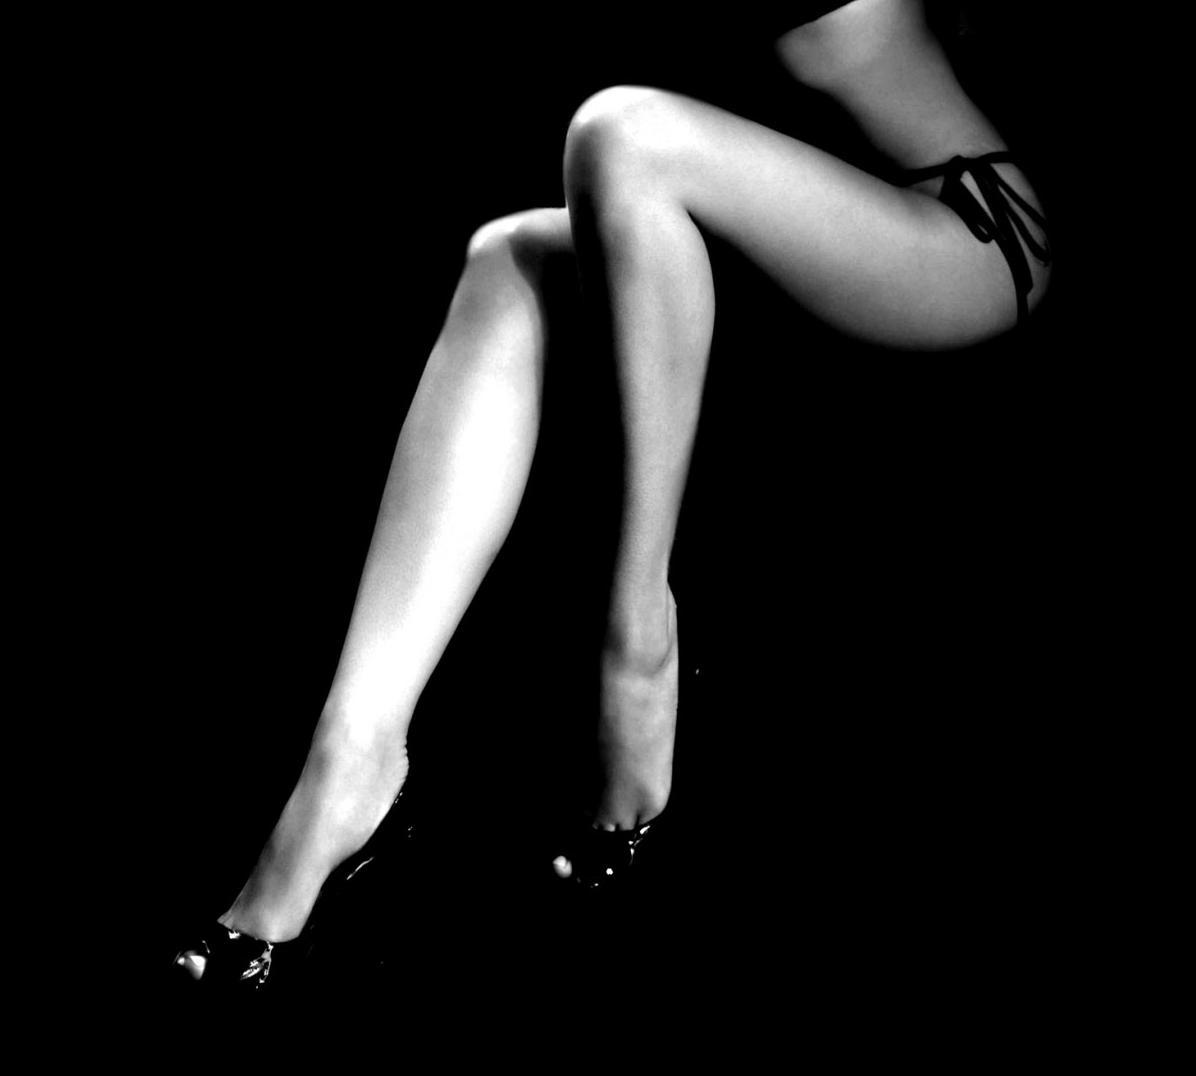 Cuadro para mujer con pierna sexy